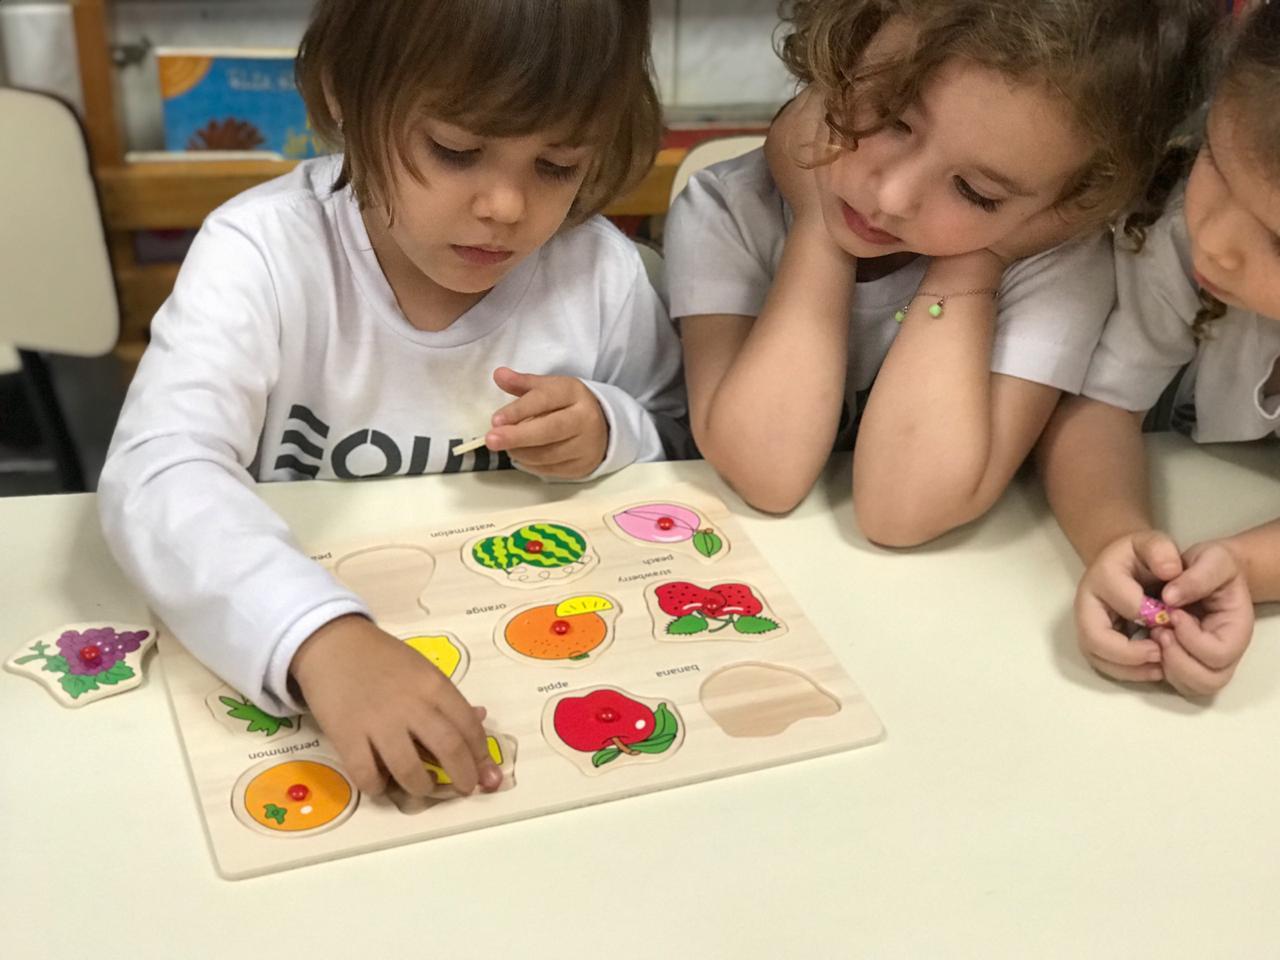 Jogos de encaixe e alinhavos possibilitam o desenvolvimento de habilidades psicomotoras nivel 1 m – 06-09 (5)